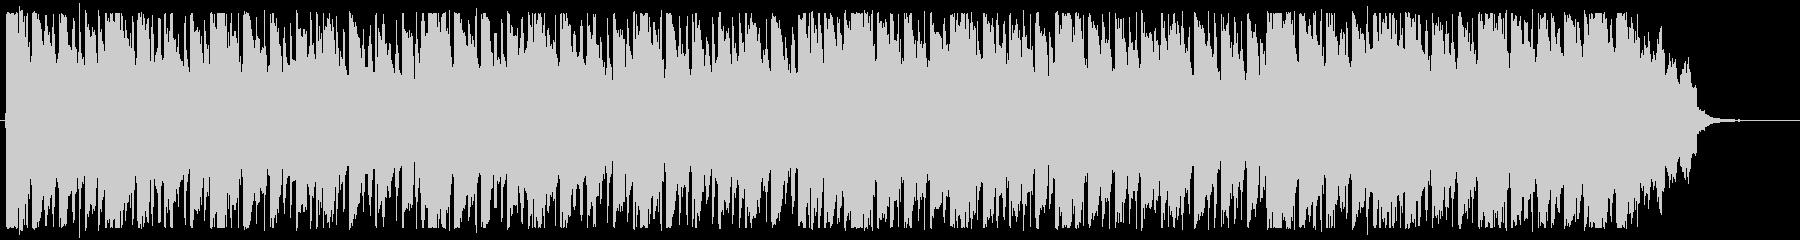 涼しい/ディープハウス_No408_4の未再生の波形